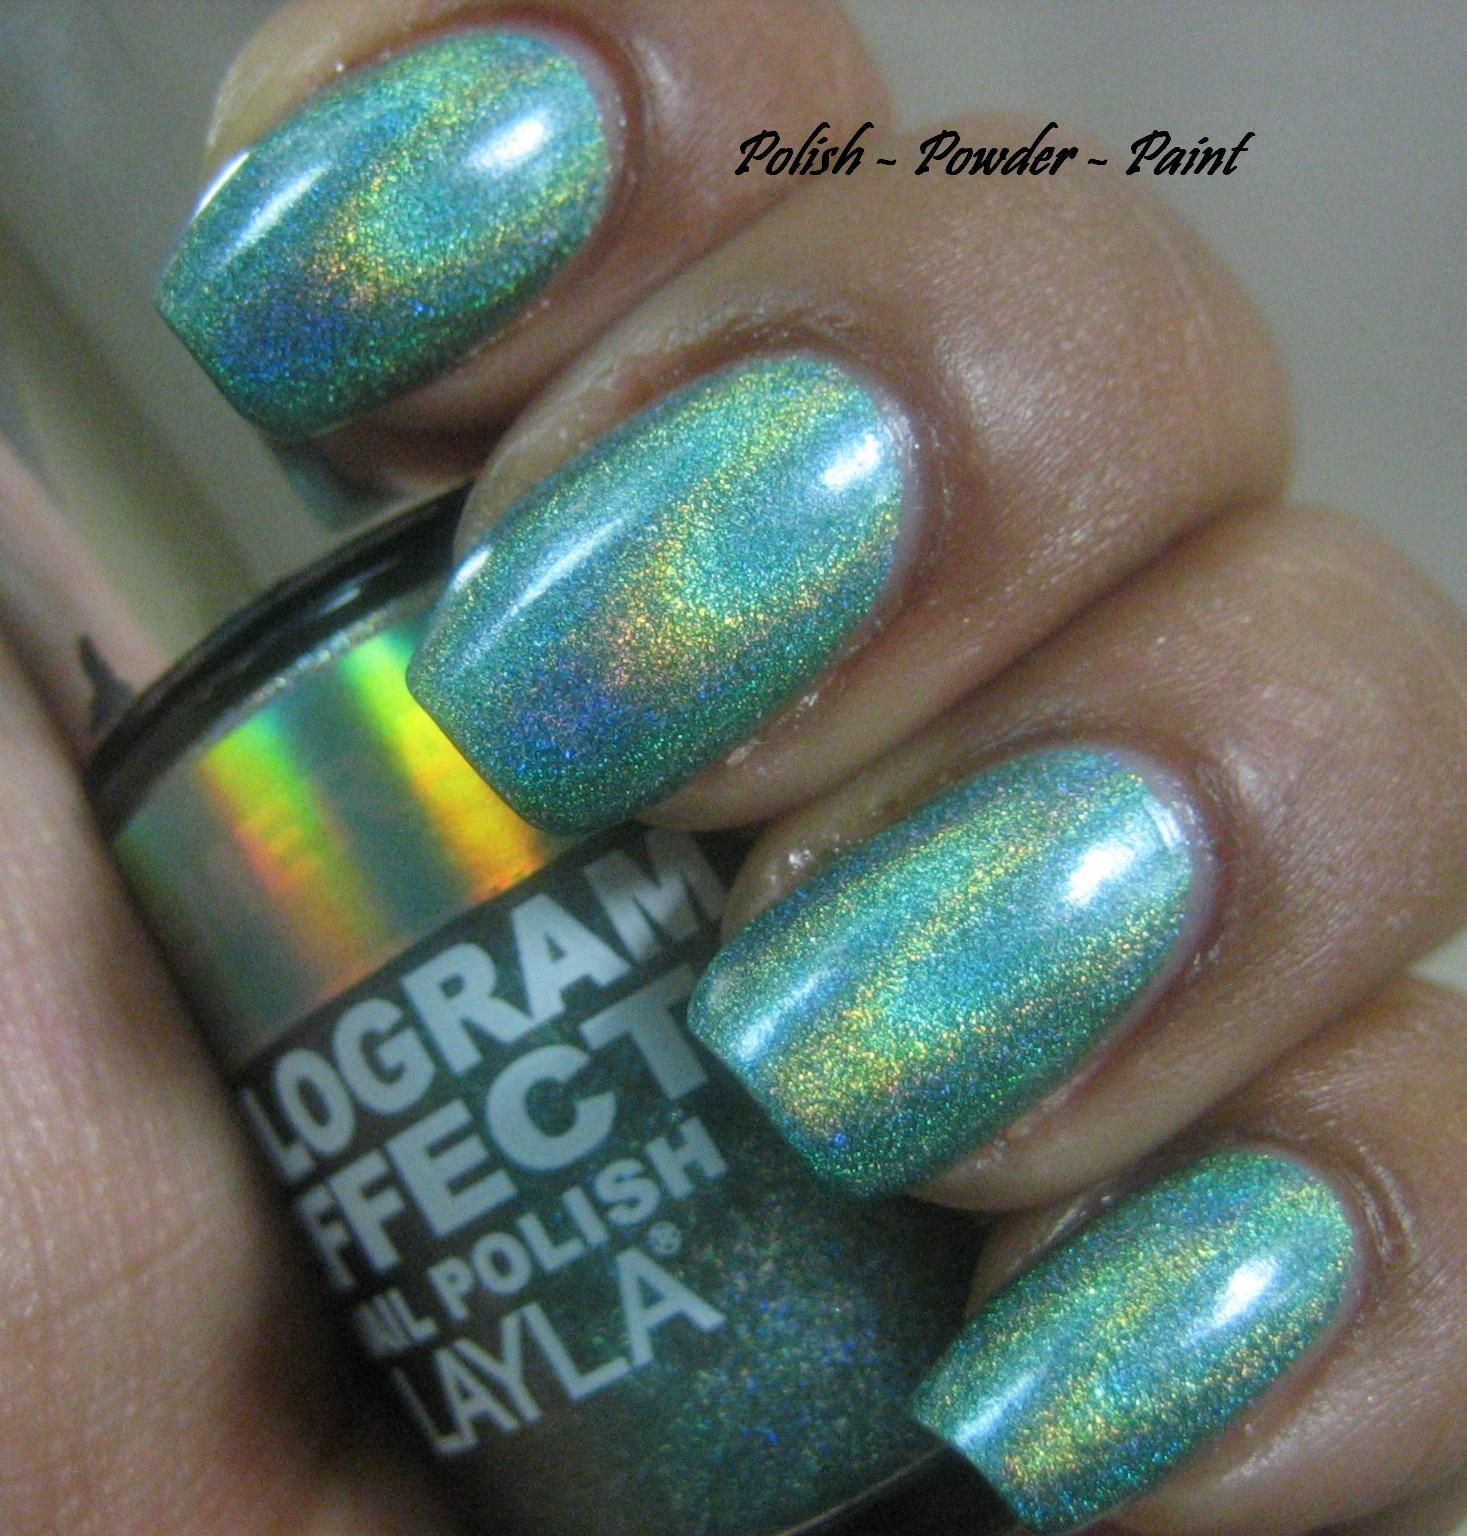 http://3.bp.blogspot.com/-g4hf1fqmPIg/UD6pNGtXwGI/AAAAAAAAA84/7N_8OeXZYEI/s1600/Emerald+Divine+by+Layla+indoors+1+08292012.JPG